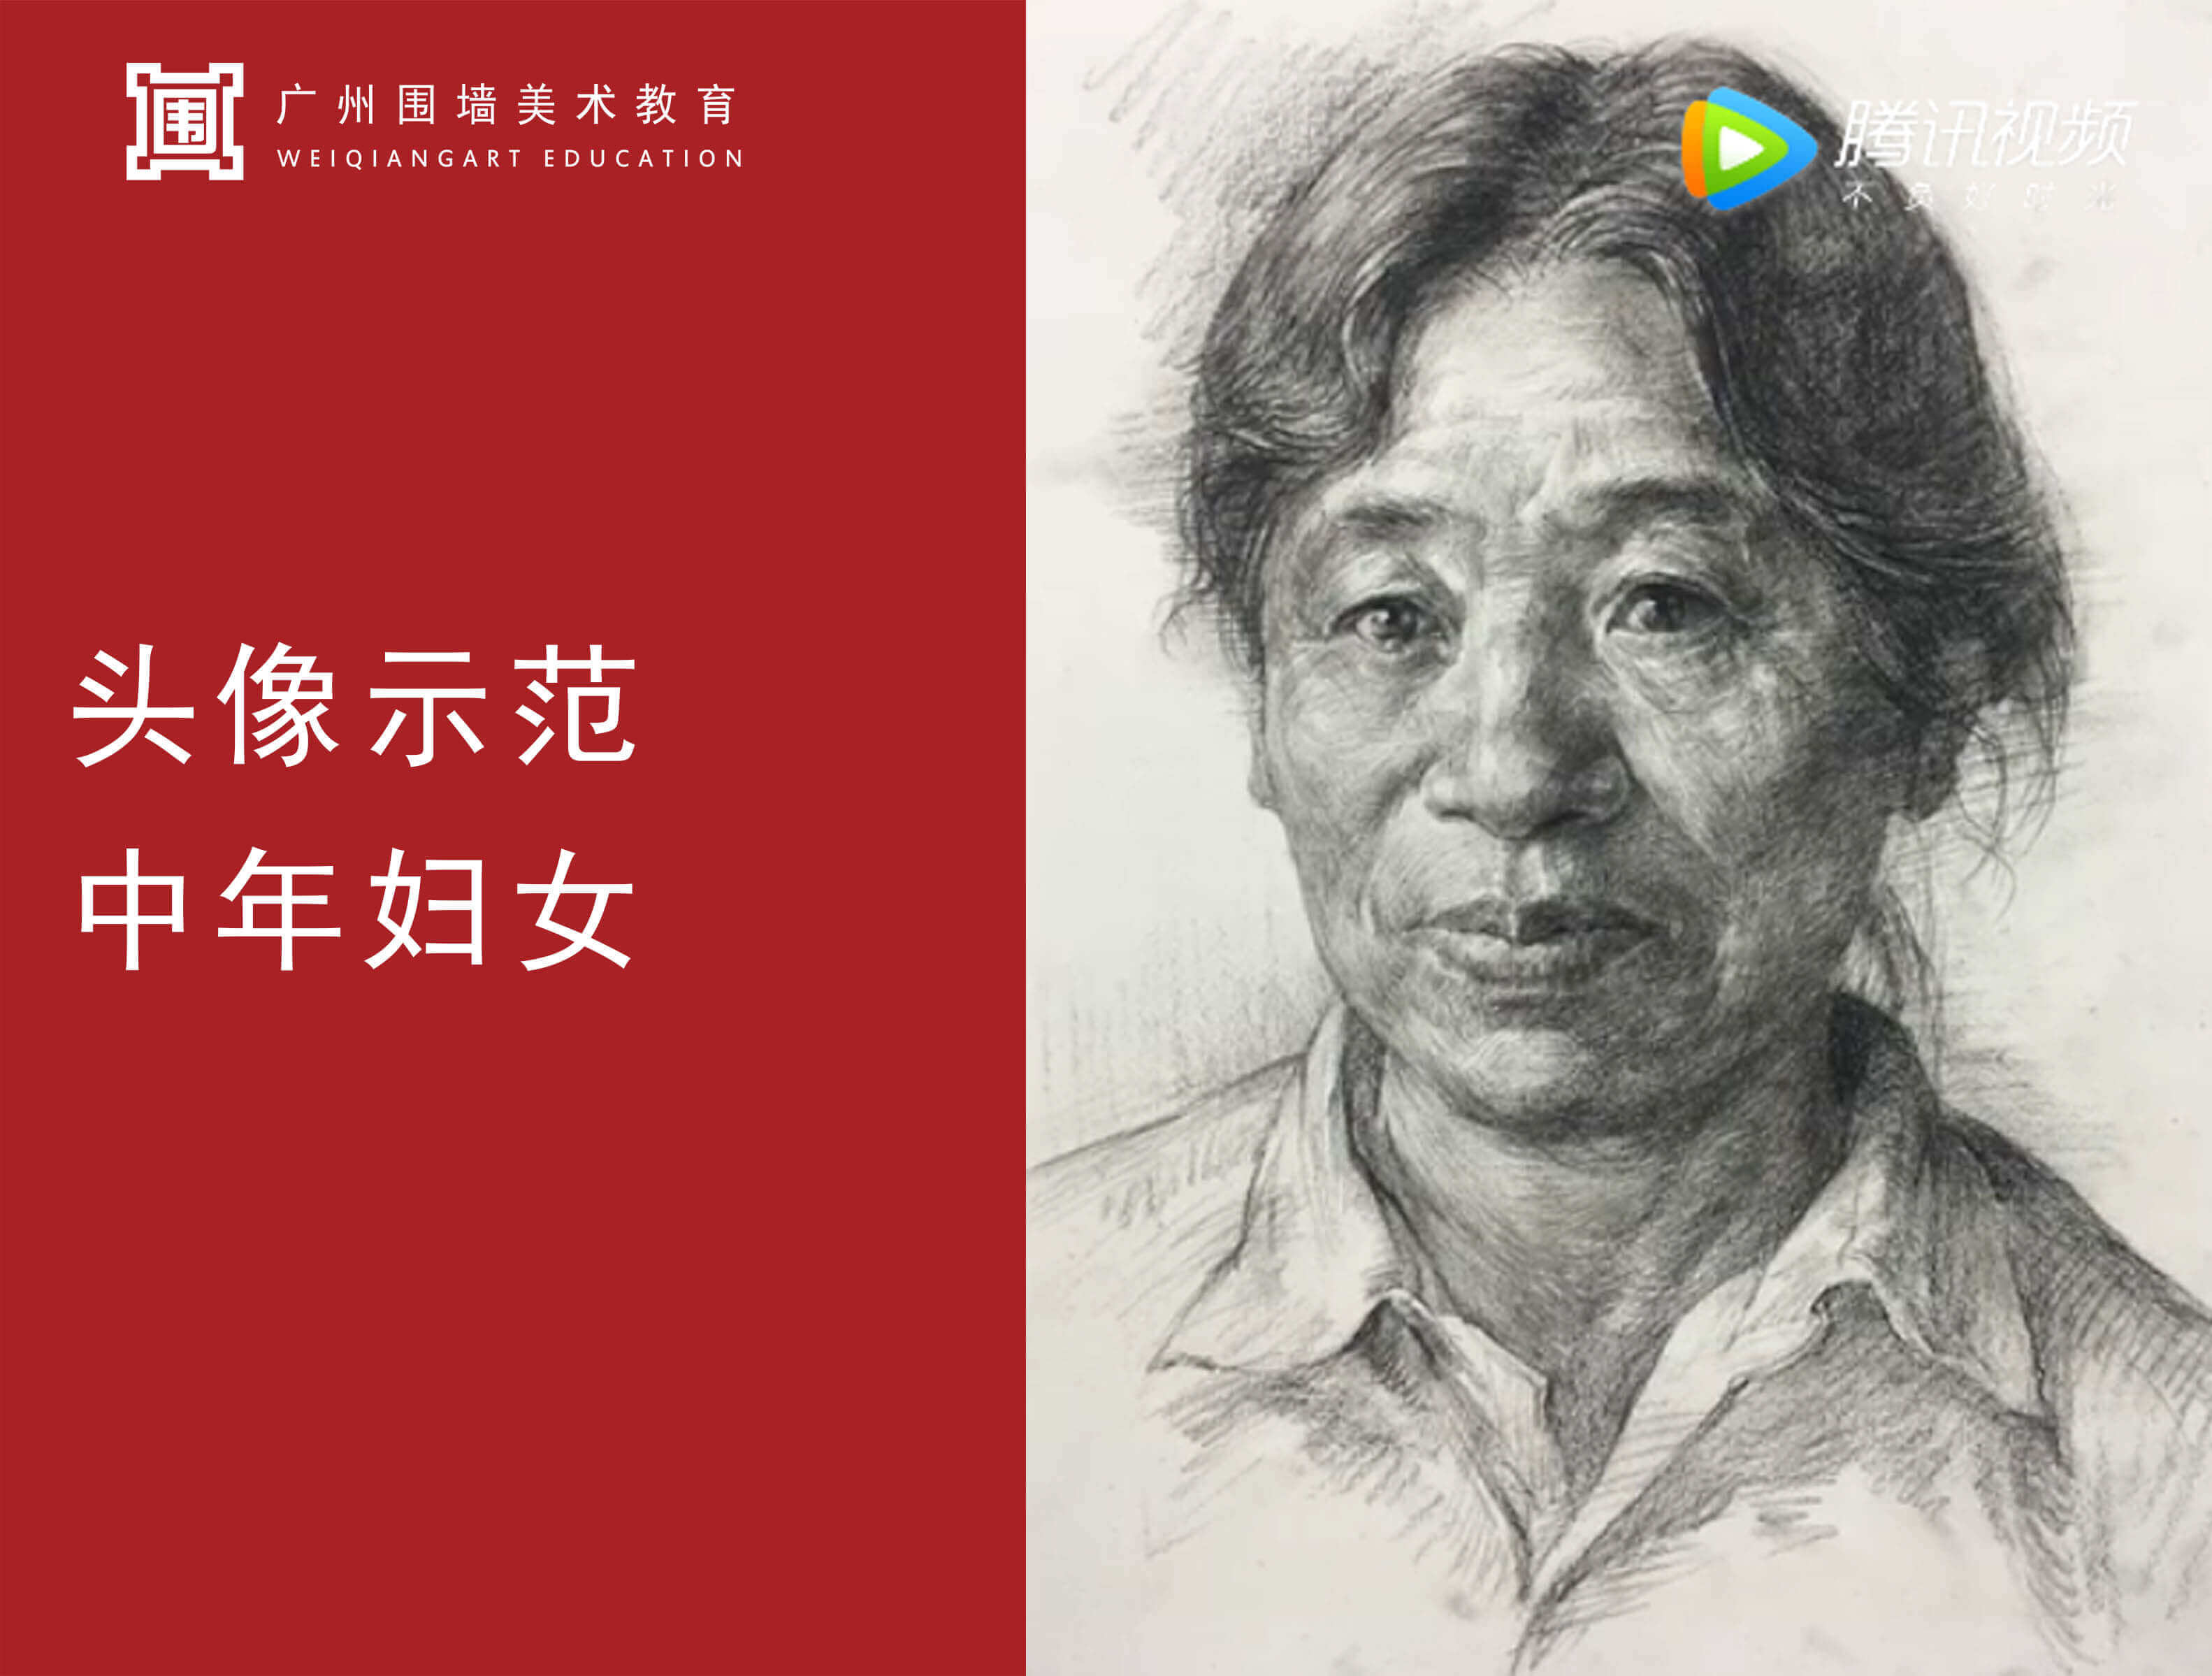 广州围墙画室课程,广州美术培训班,广州美术集训班